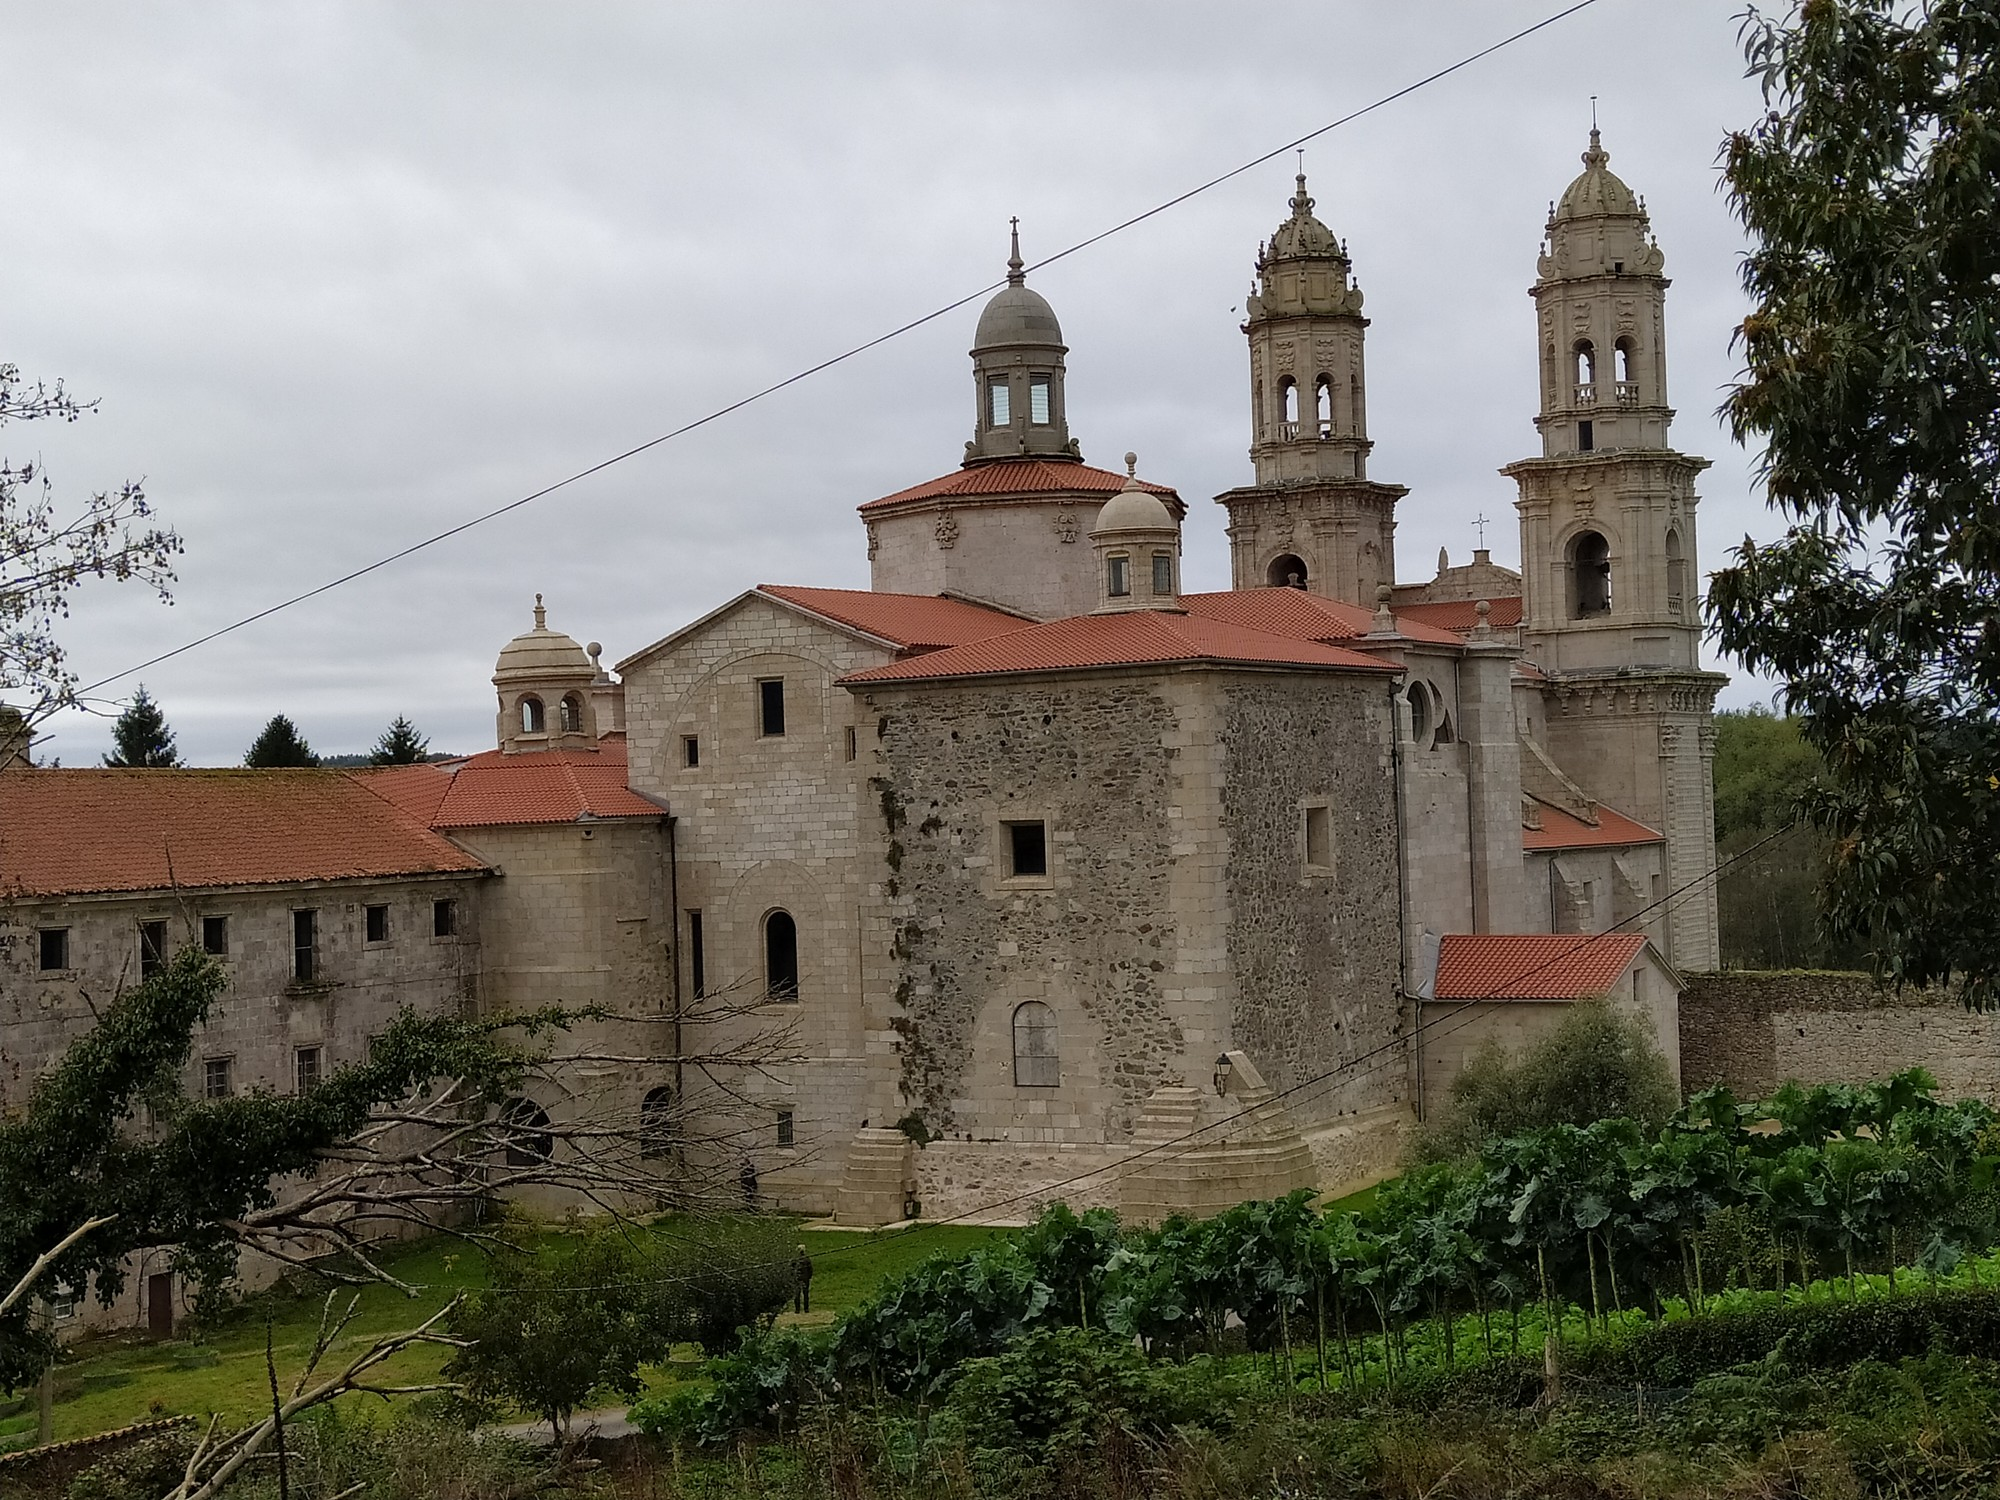 ruta da carballeira sobrado dos monxes 25 - Senderismo en Sobrado dos Monxes: ruta da carballeira